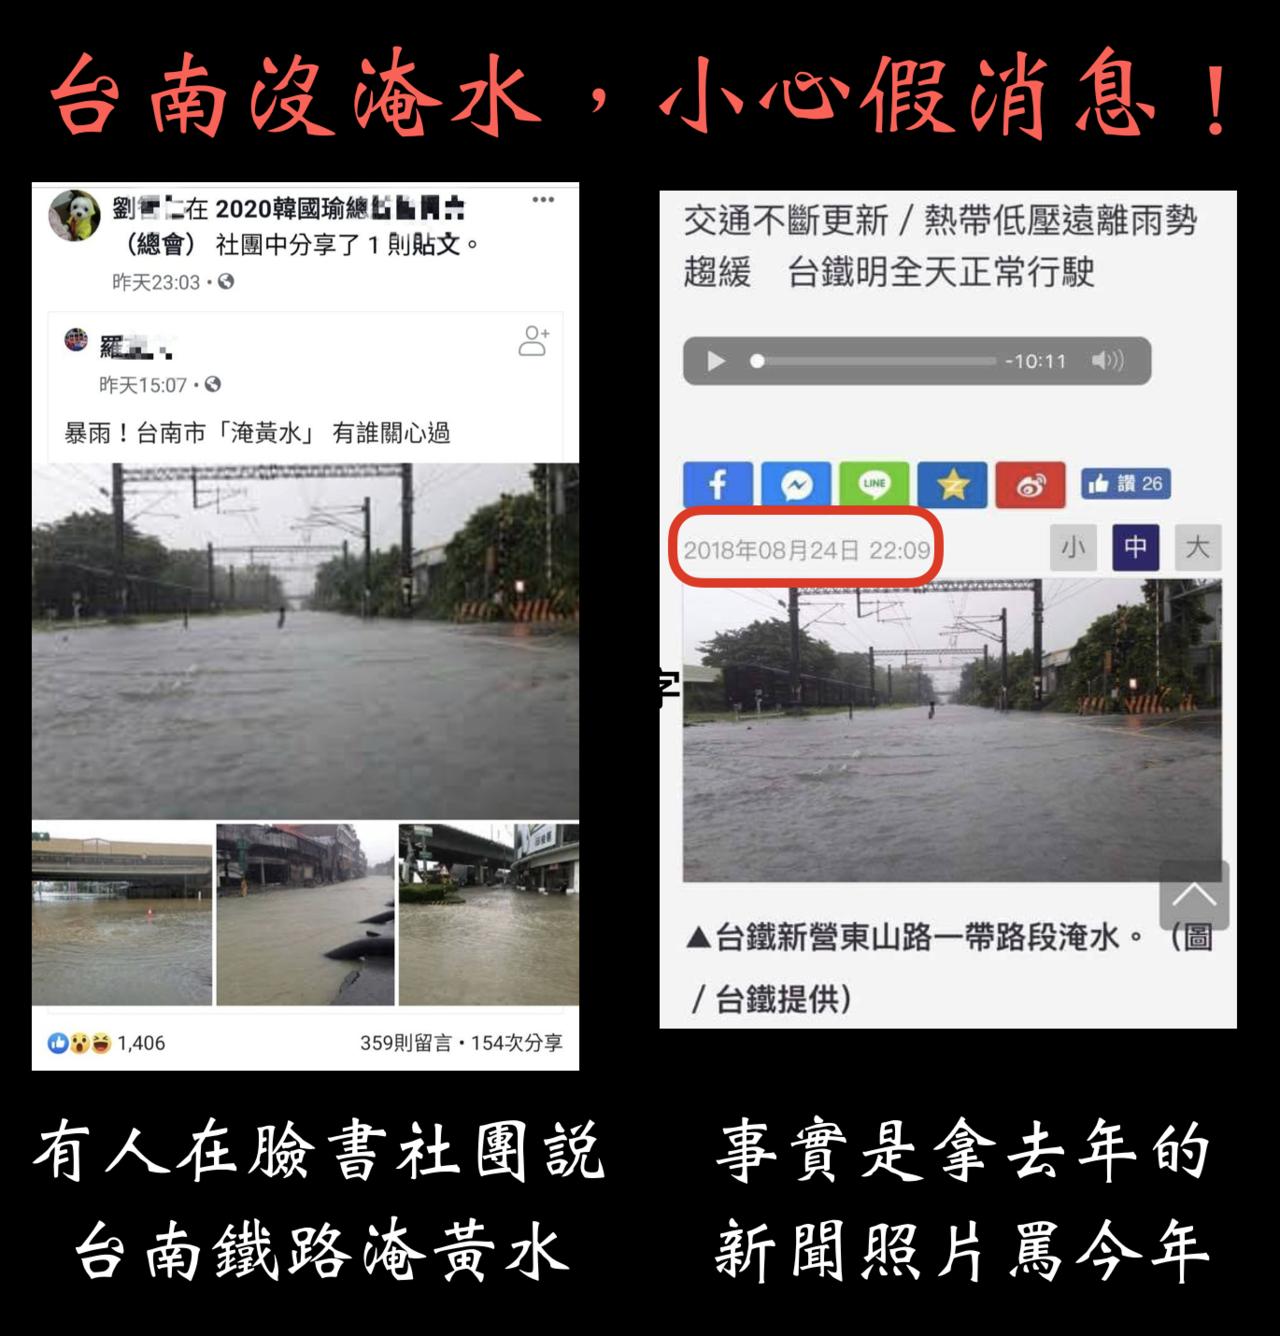 網路有鄉民在挺韓國瑜社團散播台南鐵路淹大水,台南市府駁斥不實將提告。圖/台南市政...